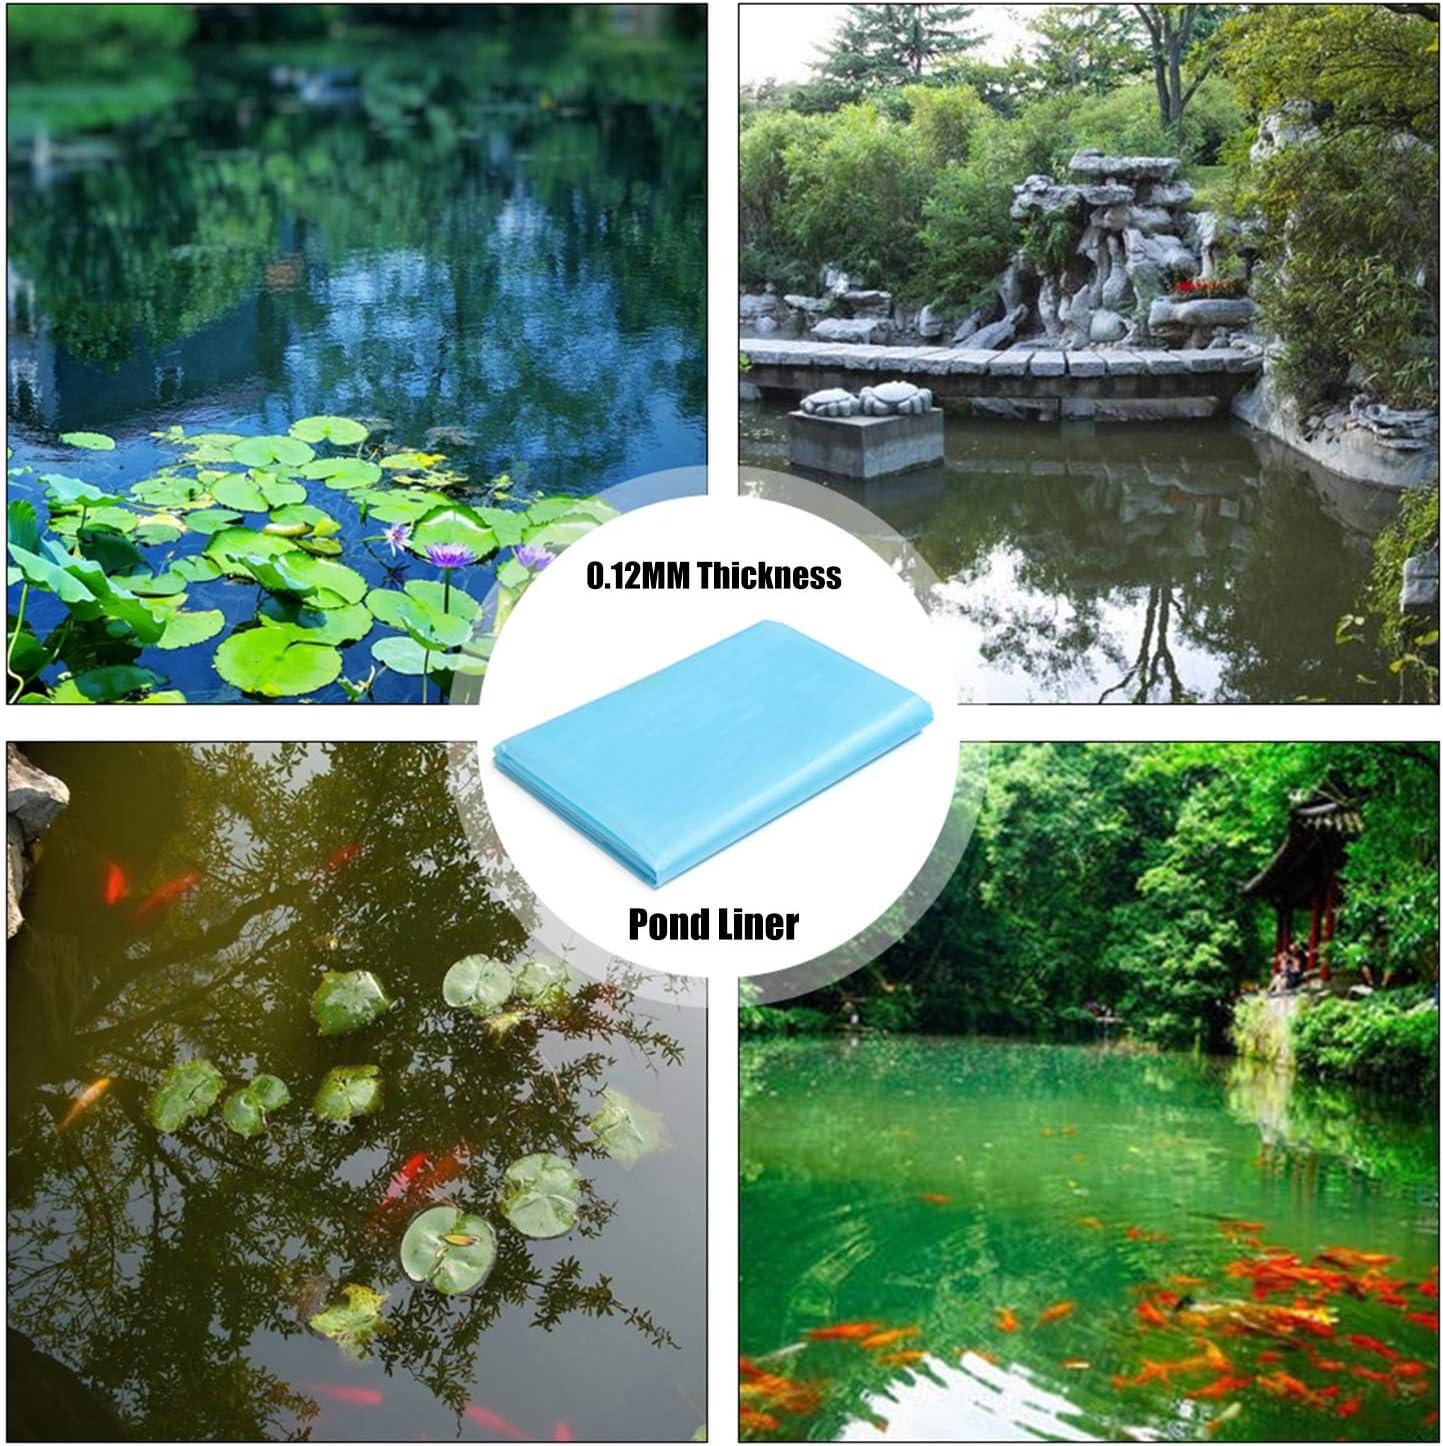 Explopur Pond Liner,3.5X5.0M Fish Pond Liner Pond Skin Garden Landscaping Supplies Equipment